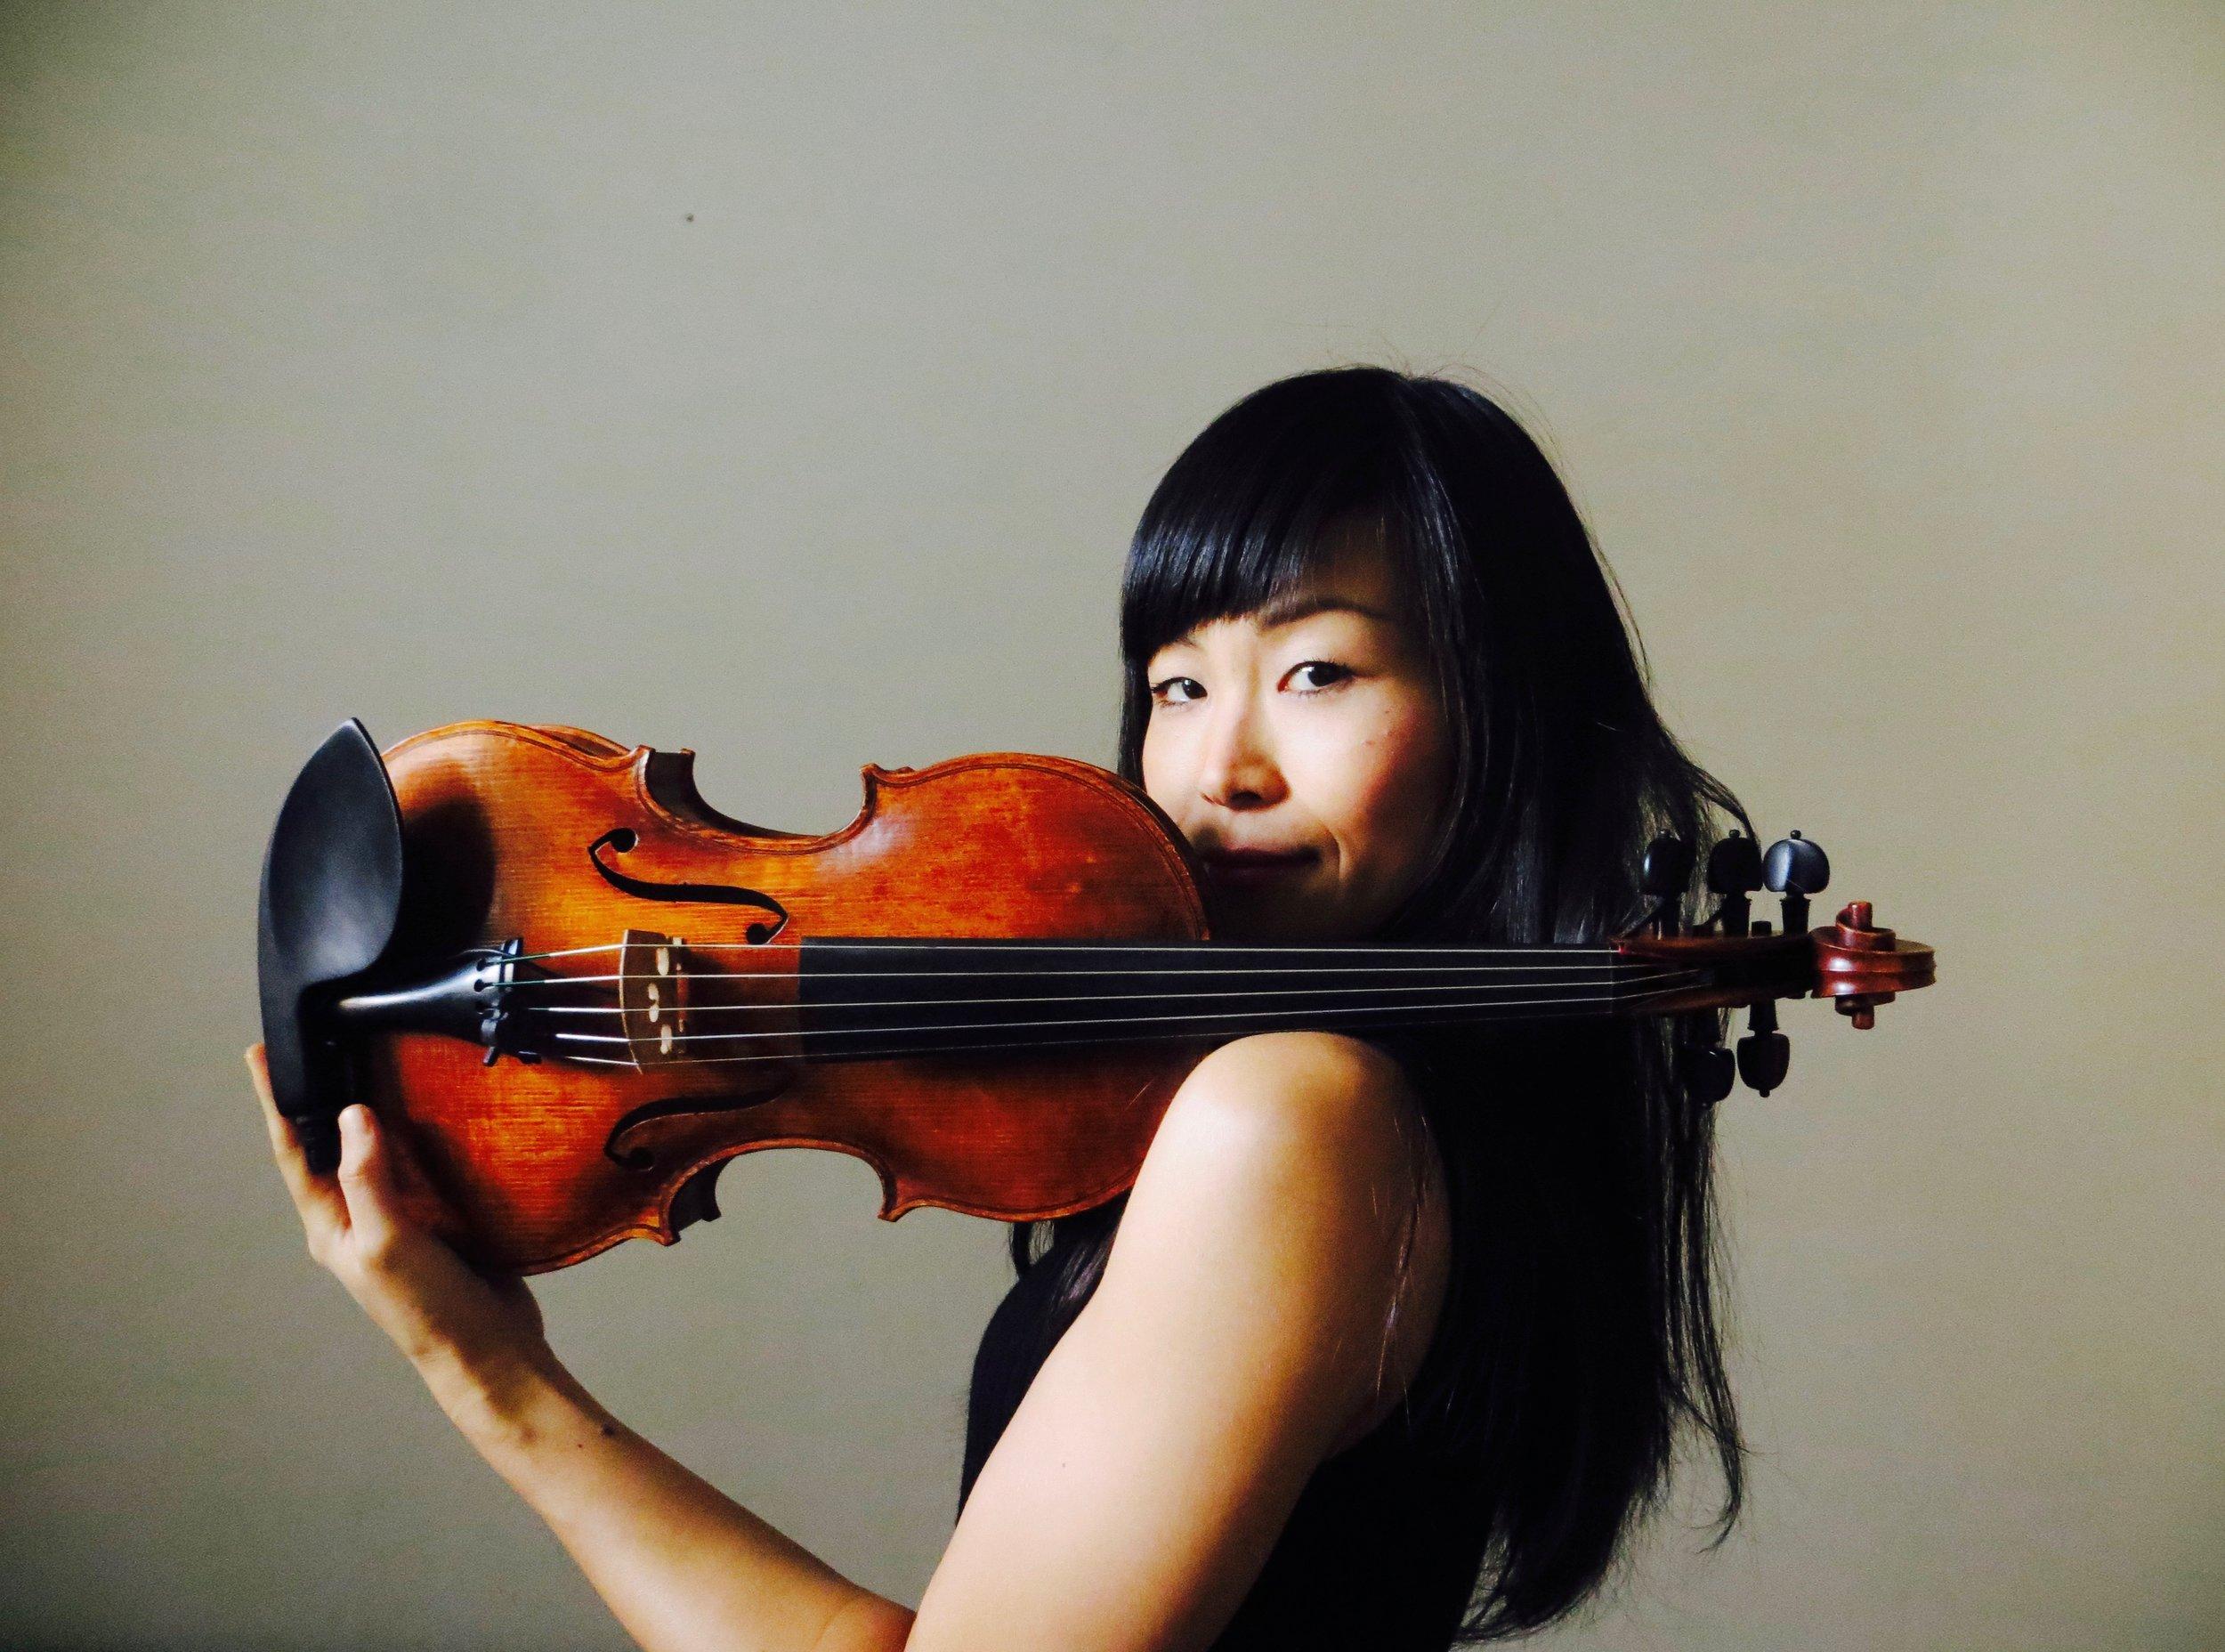 La violinista Tomoko Omura publica Branches vol. 1